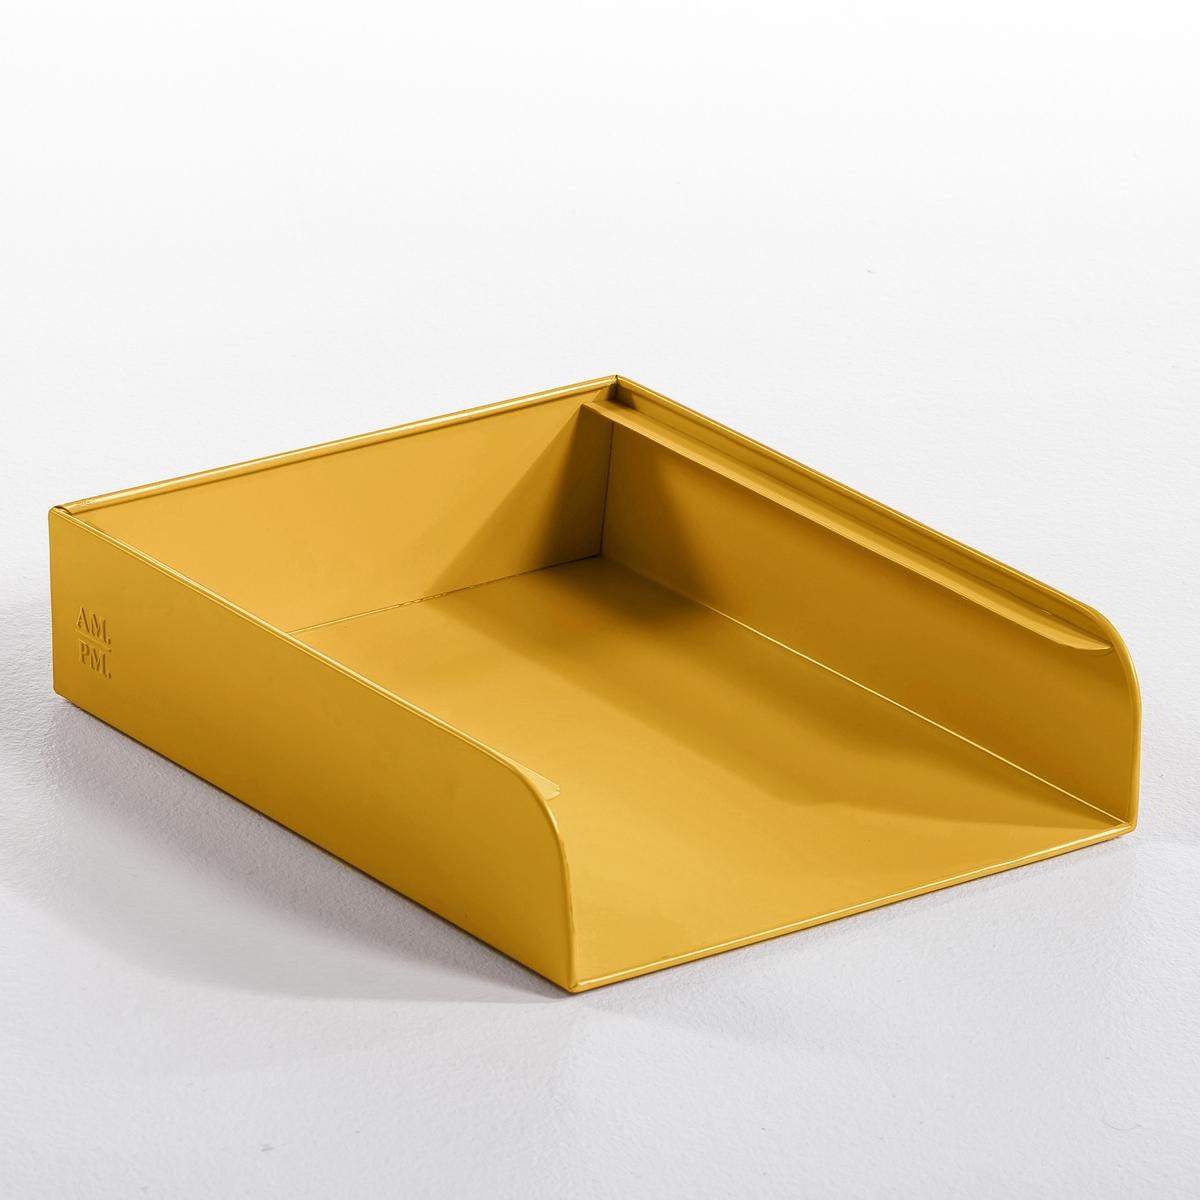 Органайзер для бумагОрганайзер для бумаг Arreglo. Новая коллекция декора с закругленными углами балансирует на грани современности и стиля ретро. Гамма из 7 цветов, легко сочетающихся между собой. Из гаванизированного металла или с матовым эпоксидным покрытием. Рельефный логотип AM.PM. Размер: ширина 26,5 х глубина 32,5 х высота 7,5 см.<br><br>Цвет: малиновый,серый,телесный матовый<br>Размер: единый размер.единый размер.единый размер